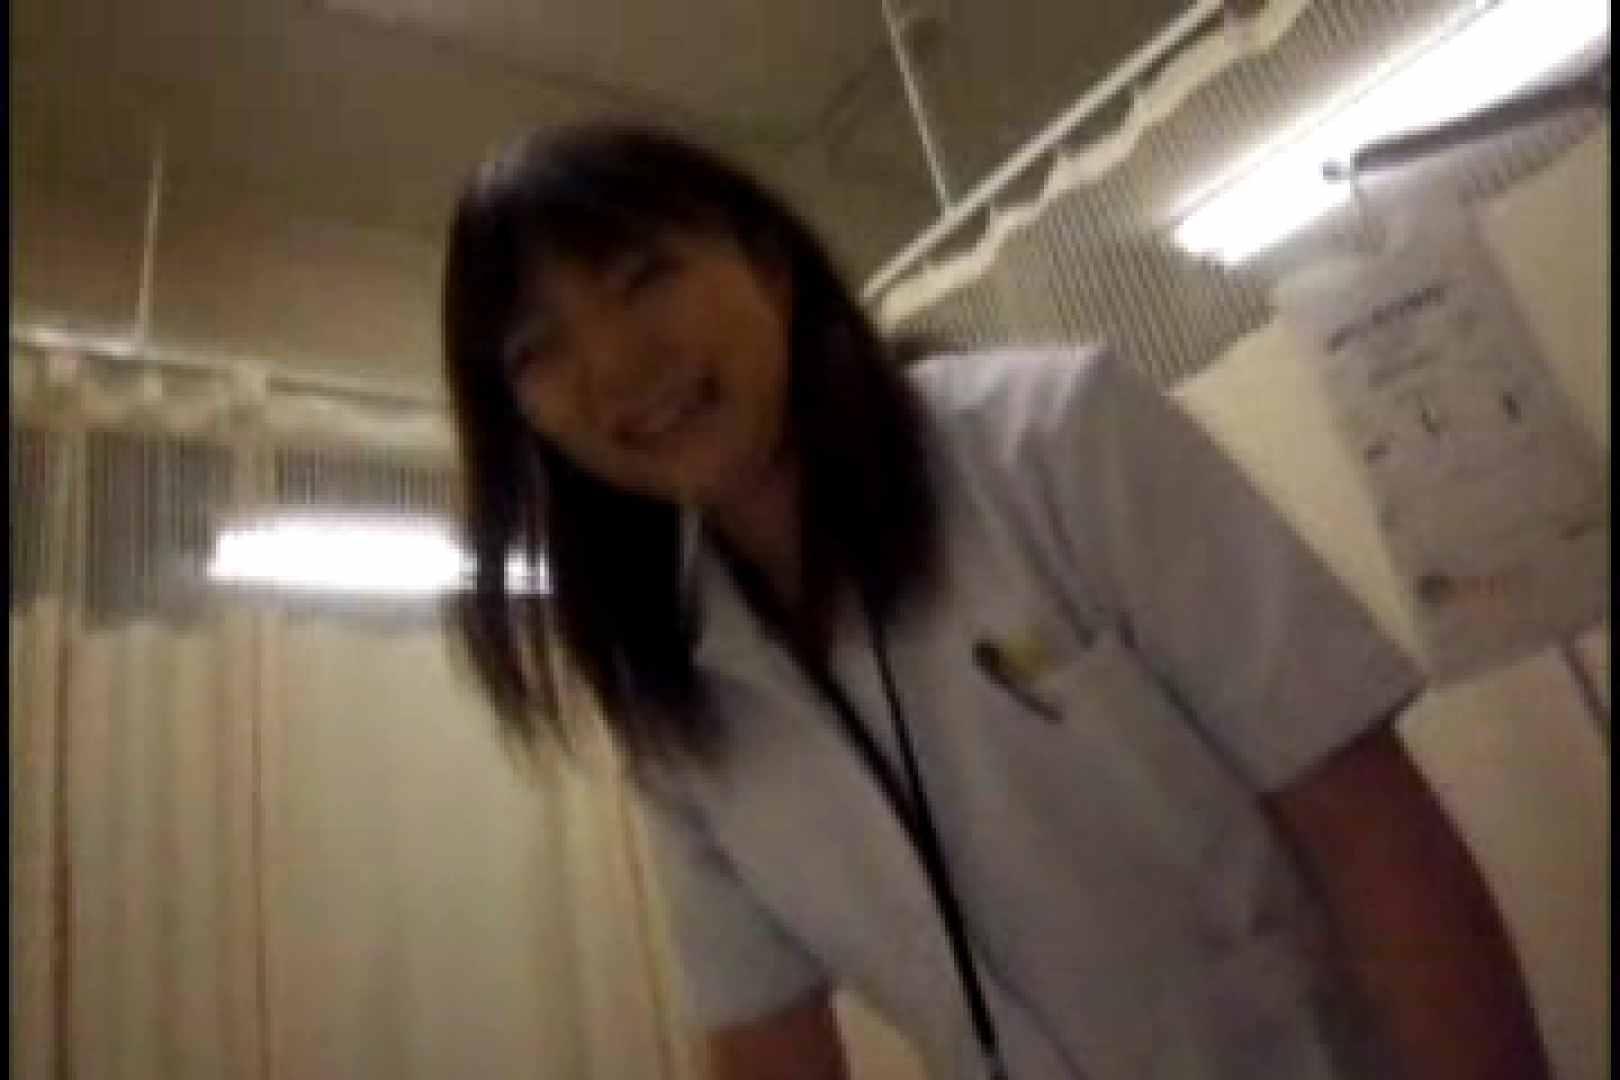 ヤリマンと呼ばれた看護士さんvol1 シックスナイン  98pic 12